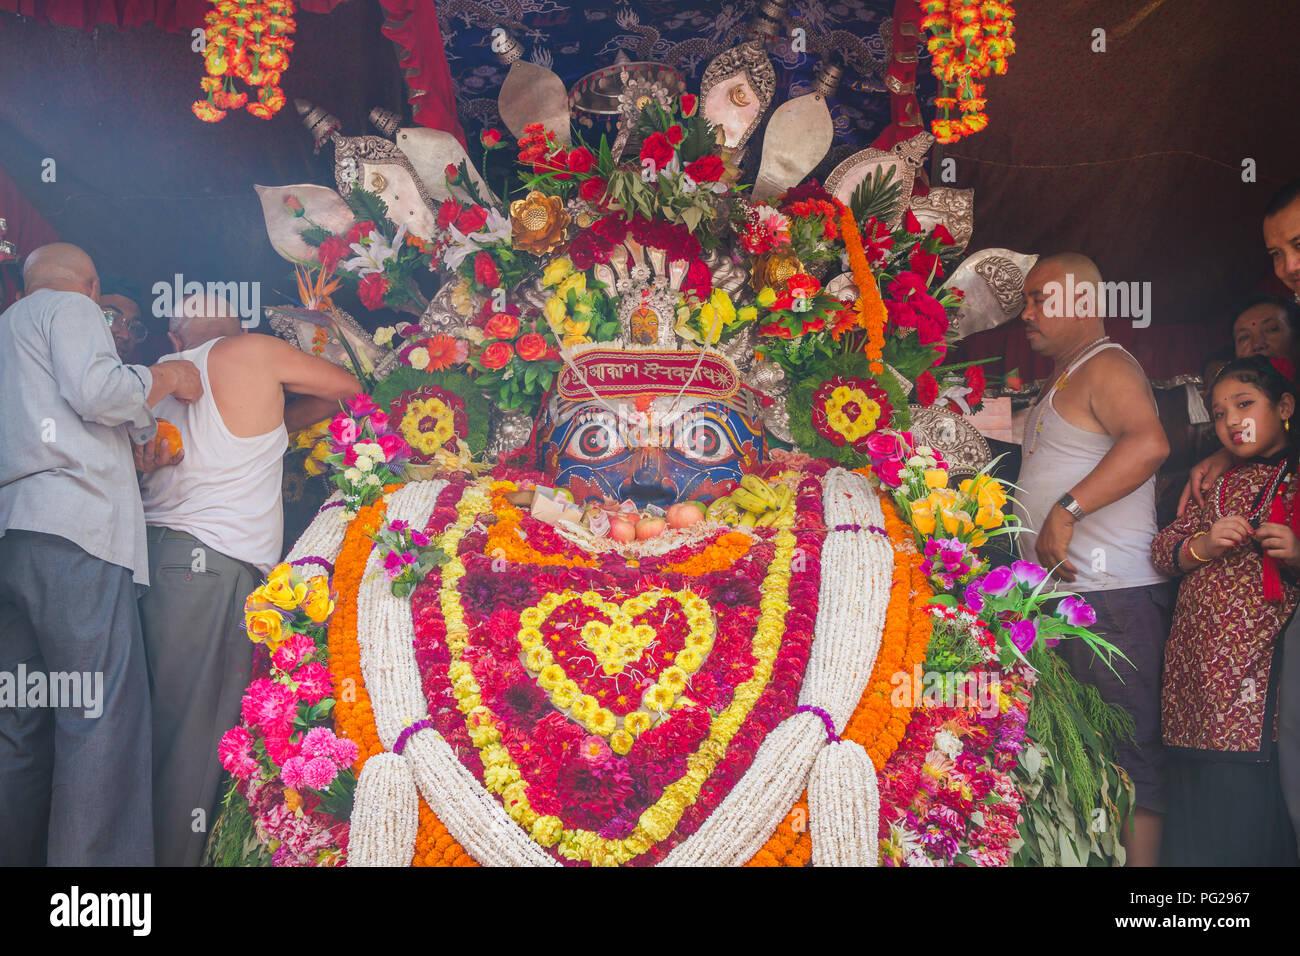 Kathmandu,Nepal - Sep 4,2017 : Newar People of kathmandu worshiping God Seto machindranath.Seto Machhendranath is also known as White Machindranath. - Stock Image